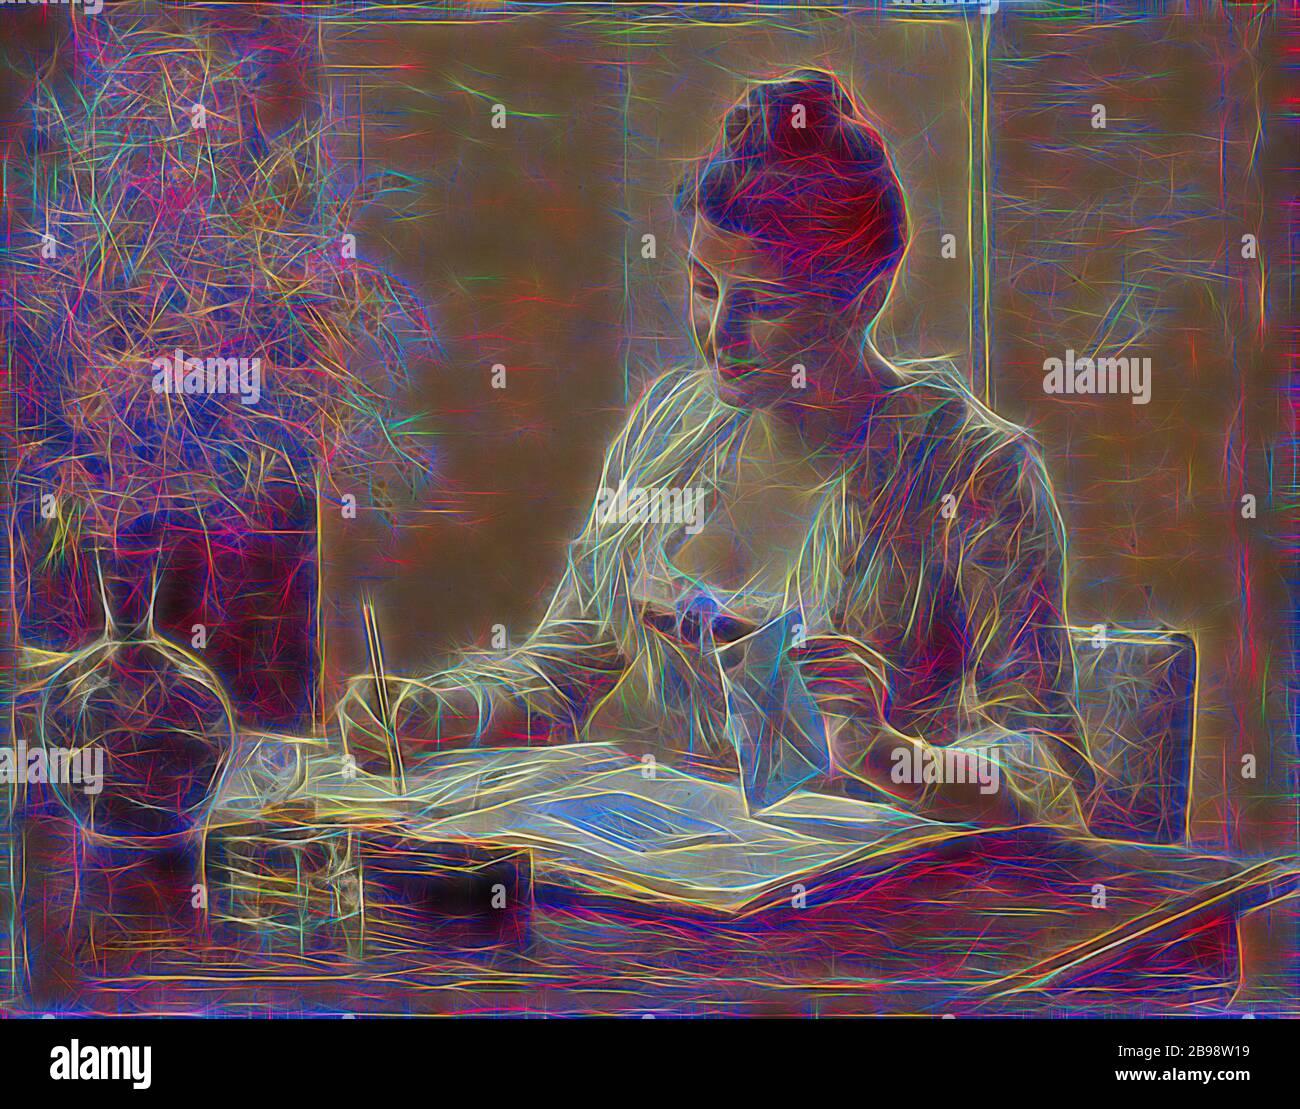 Albert Edelfelt, Lady Writing a Letter, Lady Writing Letter, painting, 1887, Oil on panel, Height, 29 cm (11.4 pulgadas), Width, 37 cm (14.5 pulgadas), Signed, A, Edelfelt, , Reimaged by Gibon, diseño de brillo alegre y cálido y radiante de rayos de luz. Arte clásico reinventado con un toque moderno. Fotografía inspirada en el futurismo, abrazando la energía dinámica de la tecnología moderna, el movimiento, la velocidad y la revolución de la cultura. Foto de stock